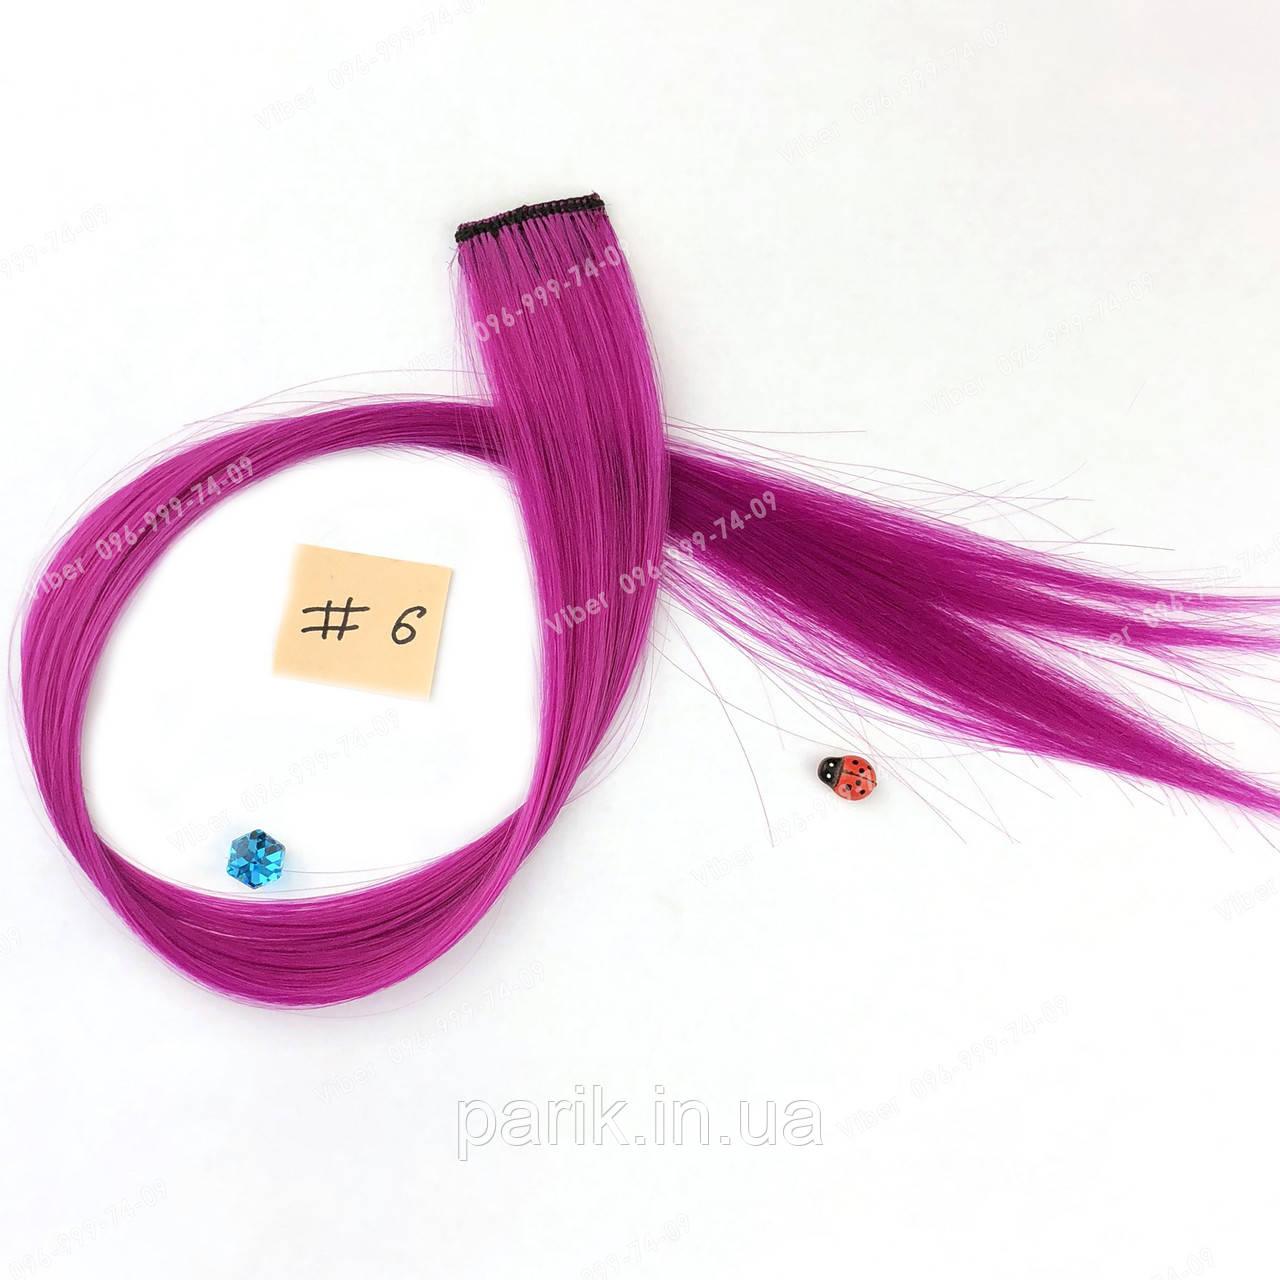 Цветные волосы прядки из канекалона на заколках фиолет